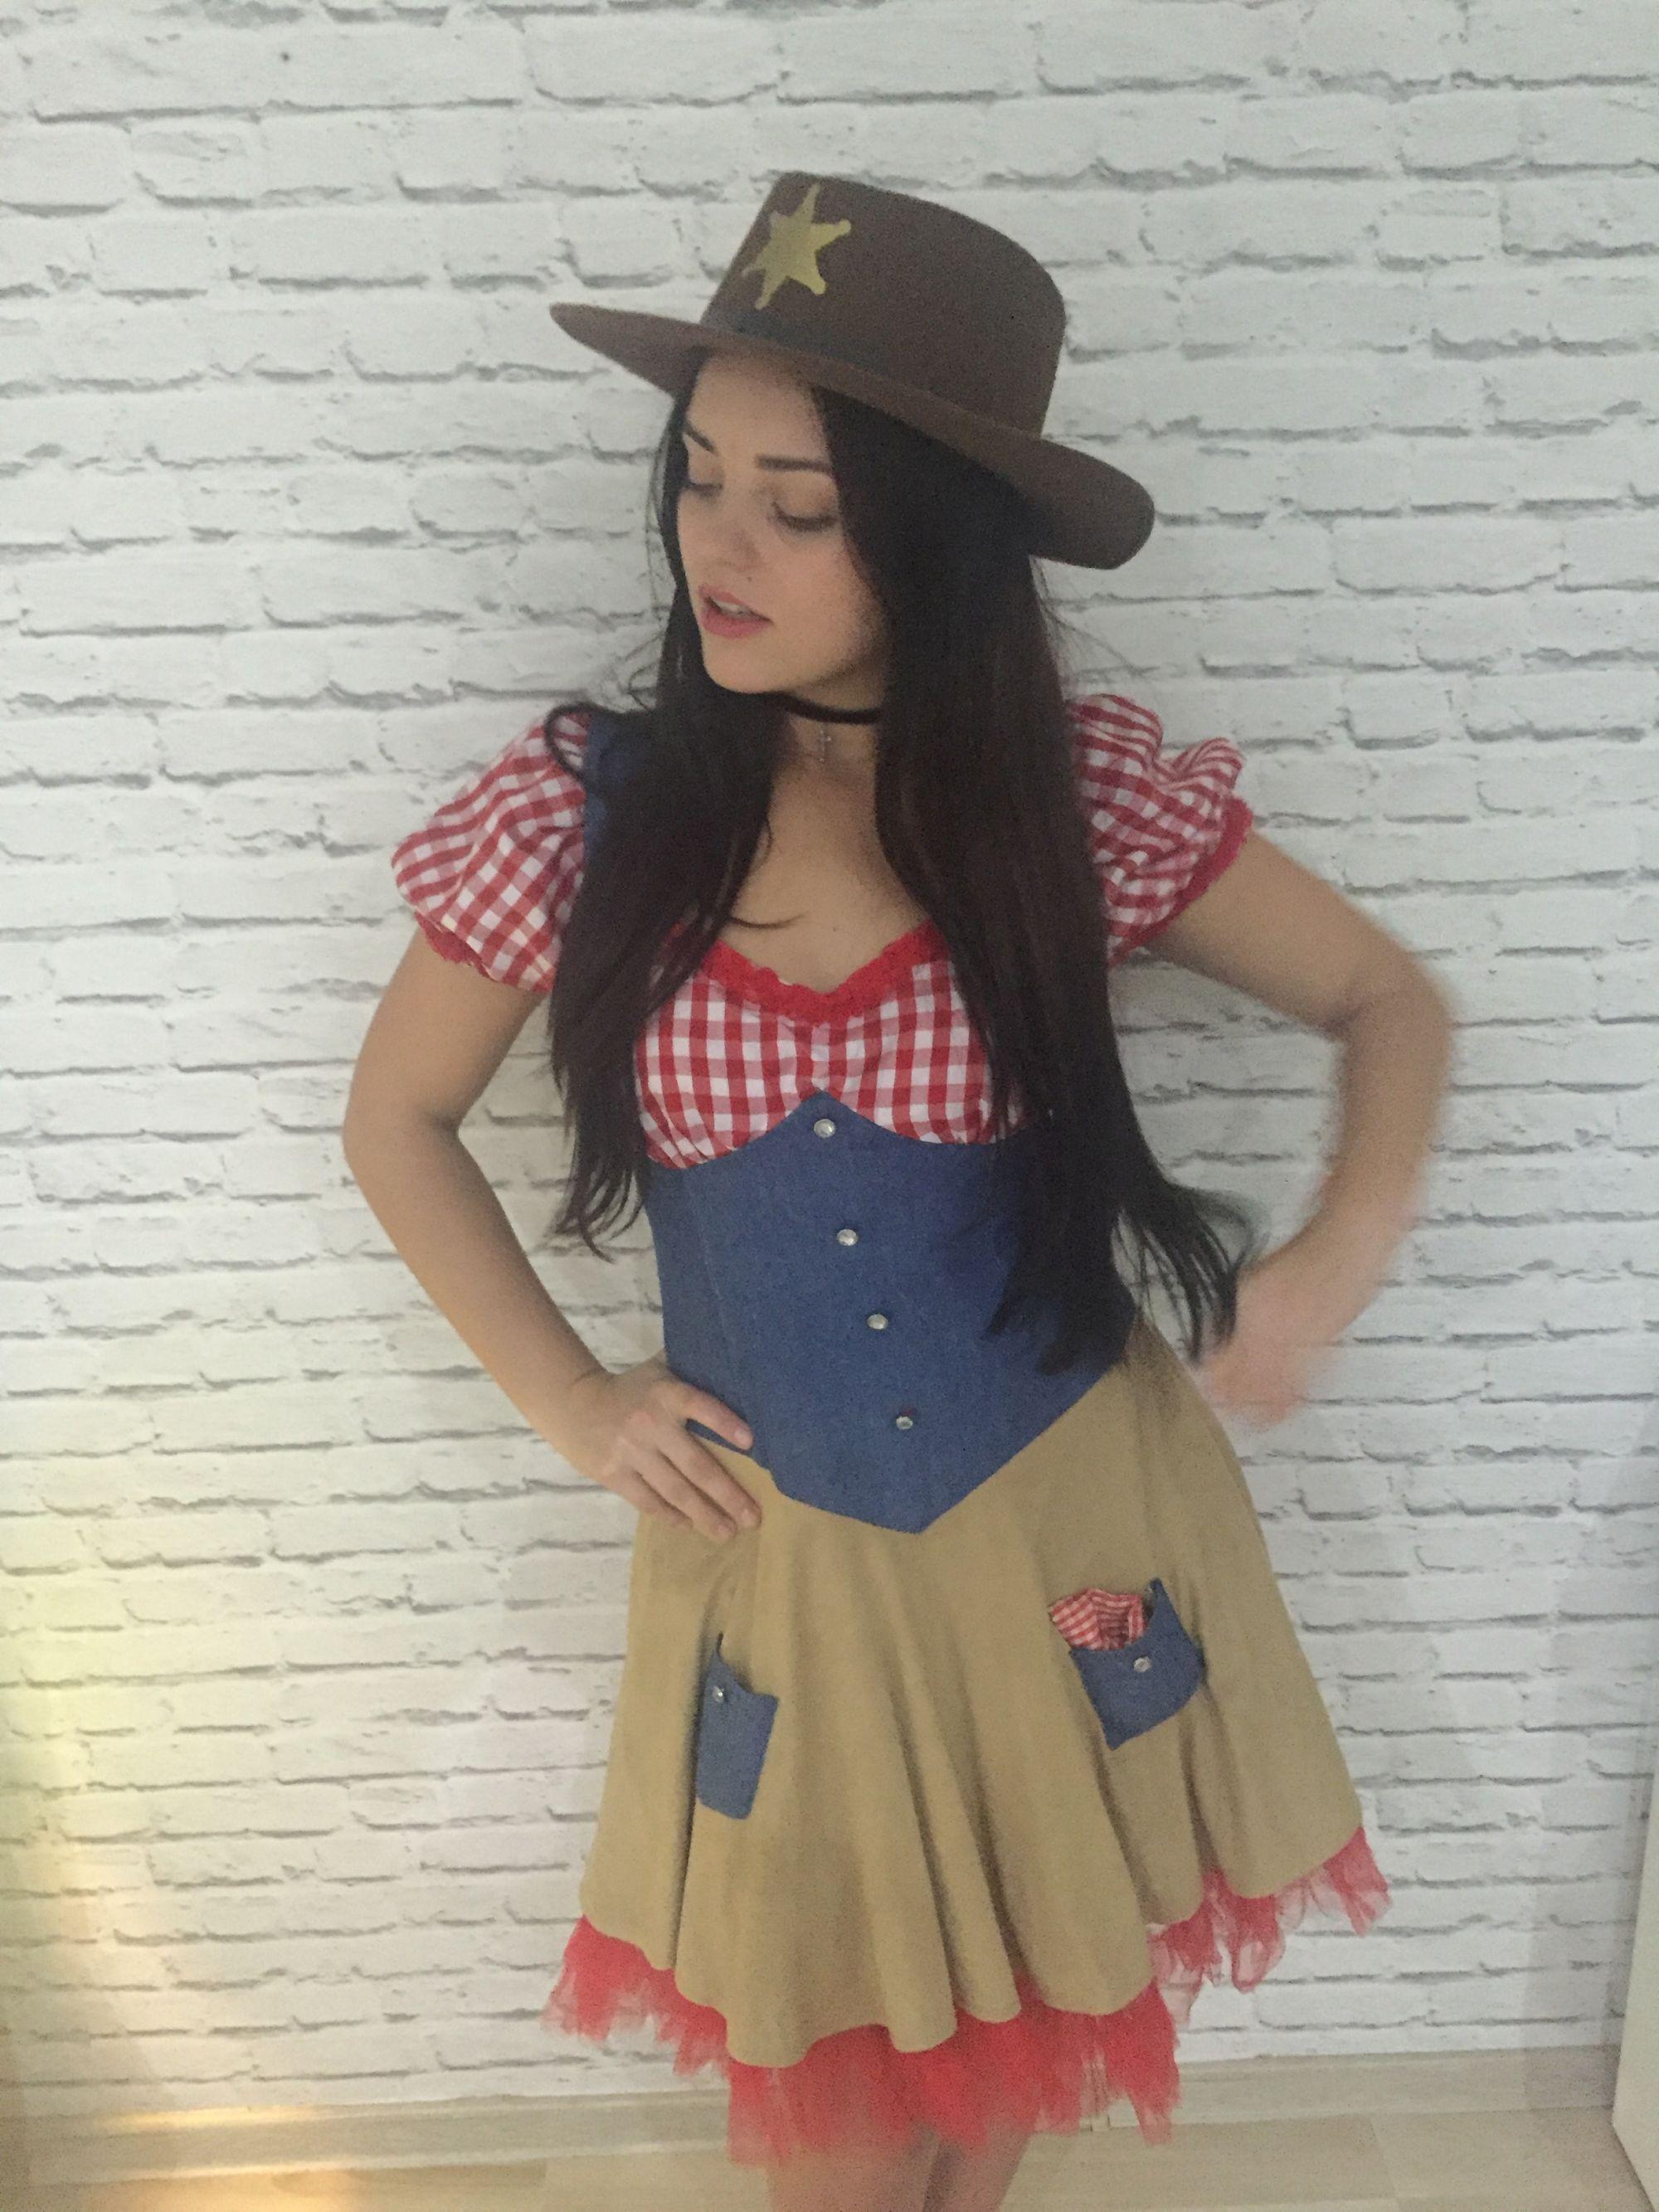 Cowboyka0